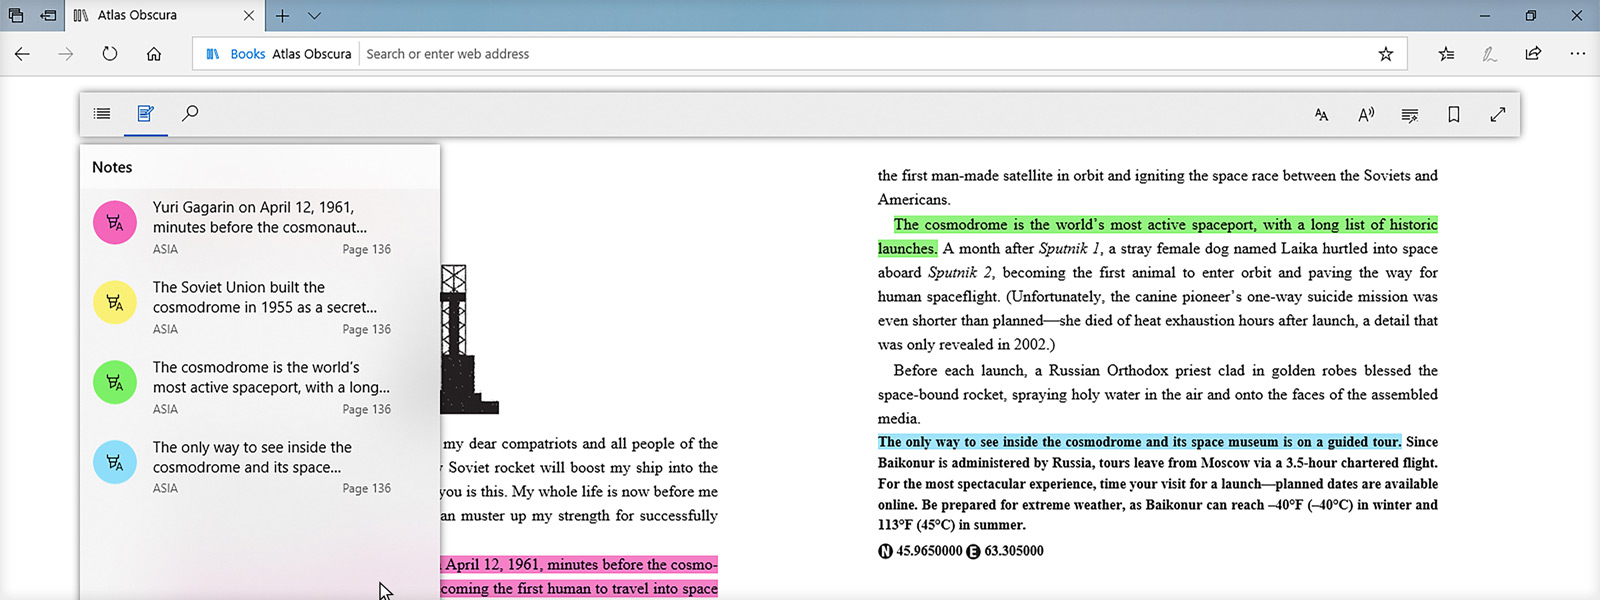 ภาพแสดงการเน้นข้อความขณะที่อ่านหนังสือภายใน Microsoft Edge